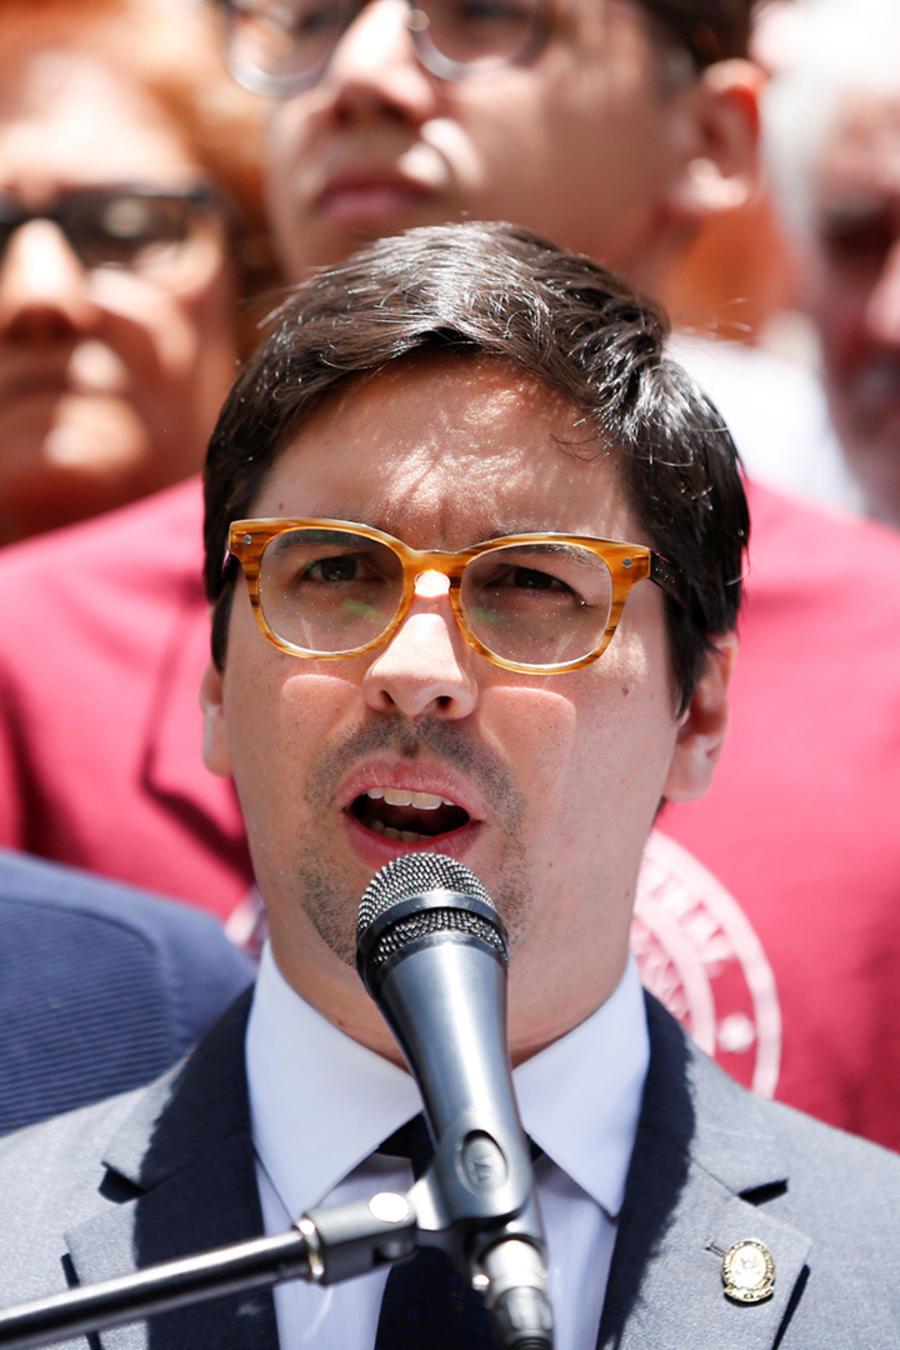 Estudian despedir a jueces del  Supremo en Venezuela